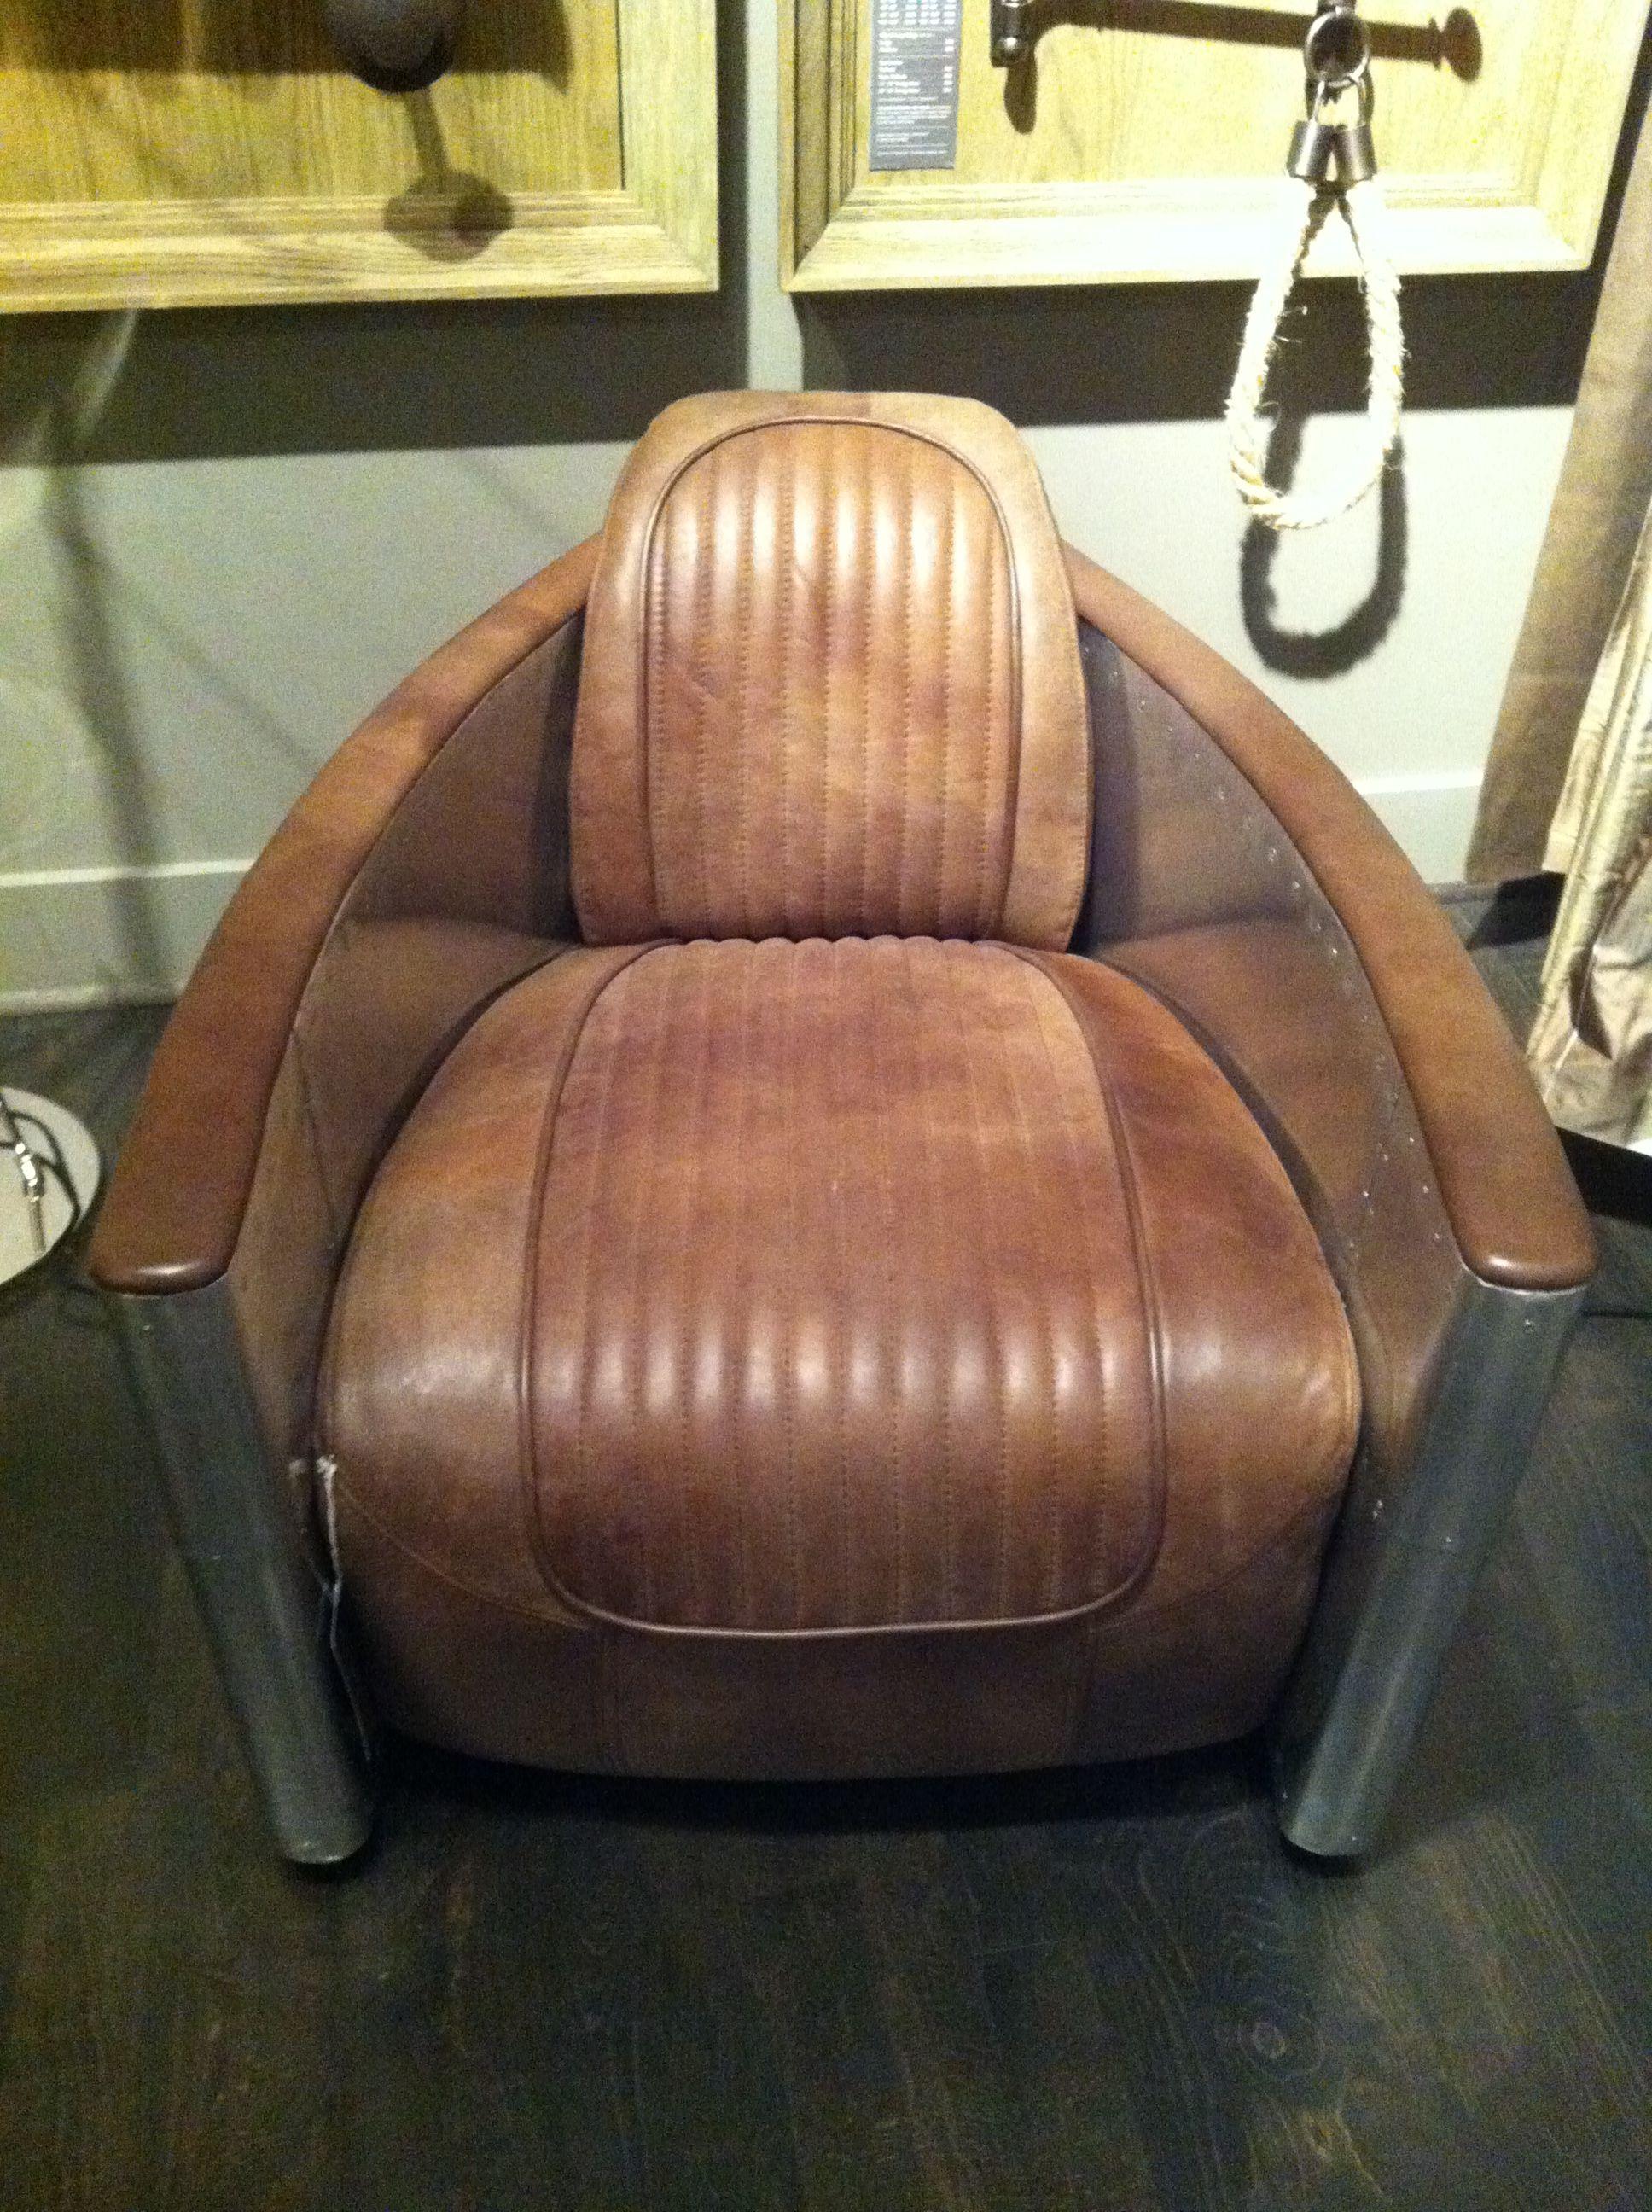 Restoration Hardware Aviation Chair Vintage Industrial